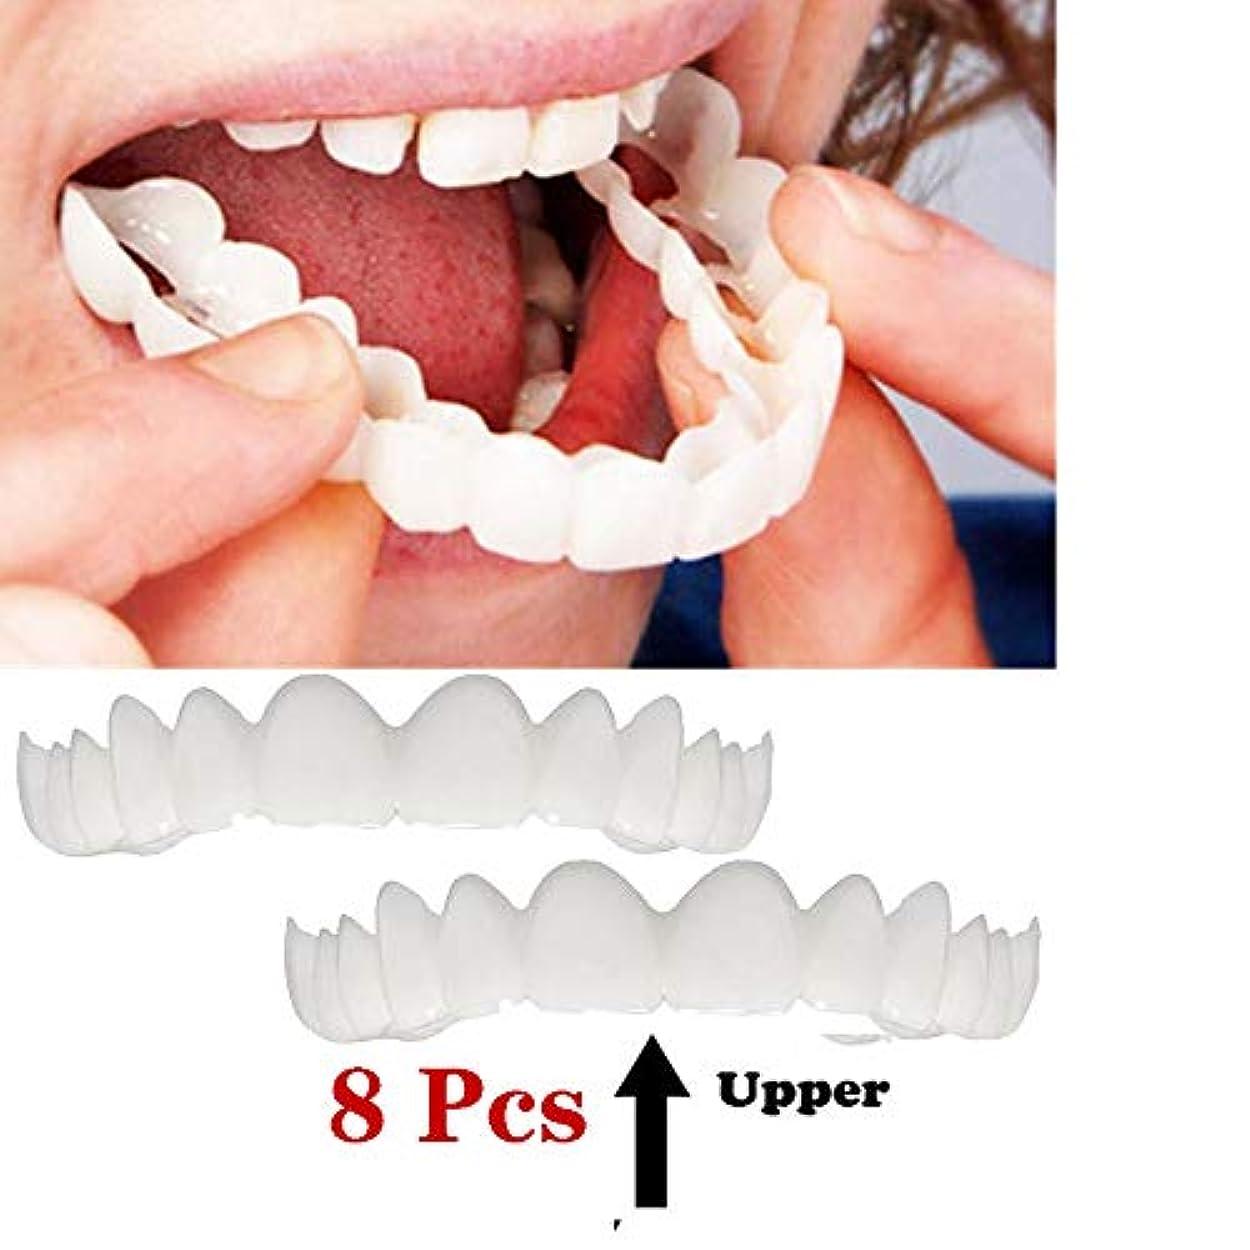 描写昨日イースター8ピース突き板歯仮化粧品歯義歯歯模擬ブレースアッパーブレースホワイトニング歯スナップキャップインスタント快適なフレックスパーフェクトベニア